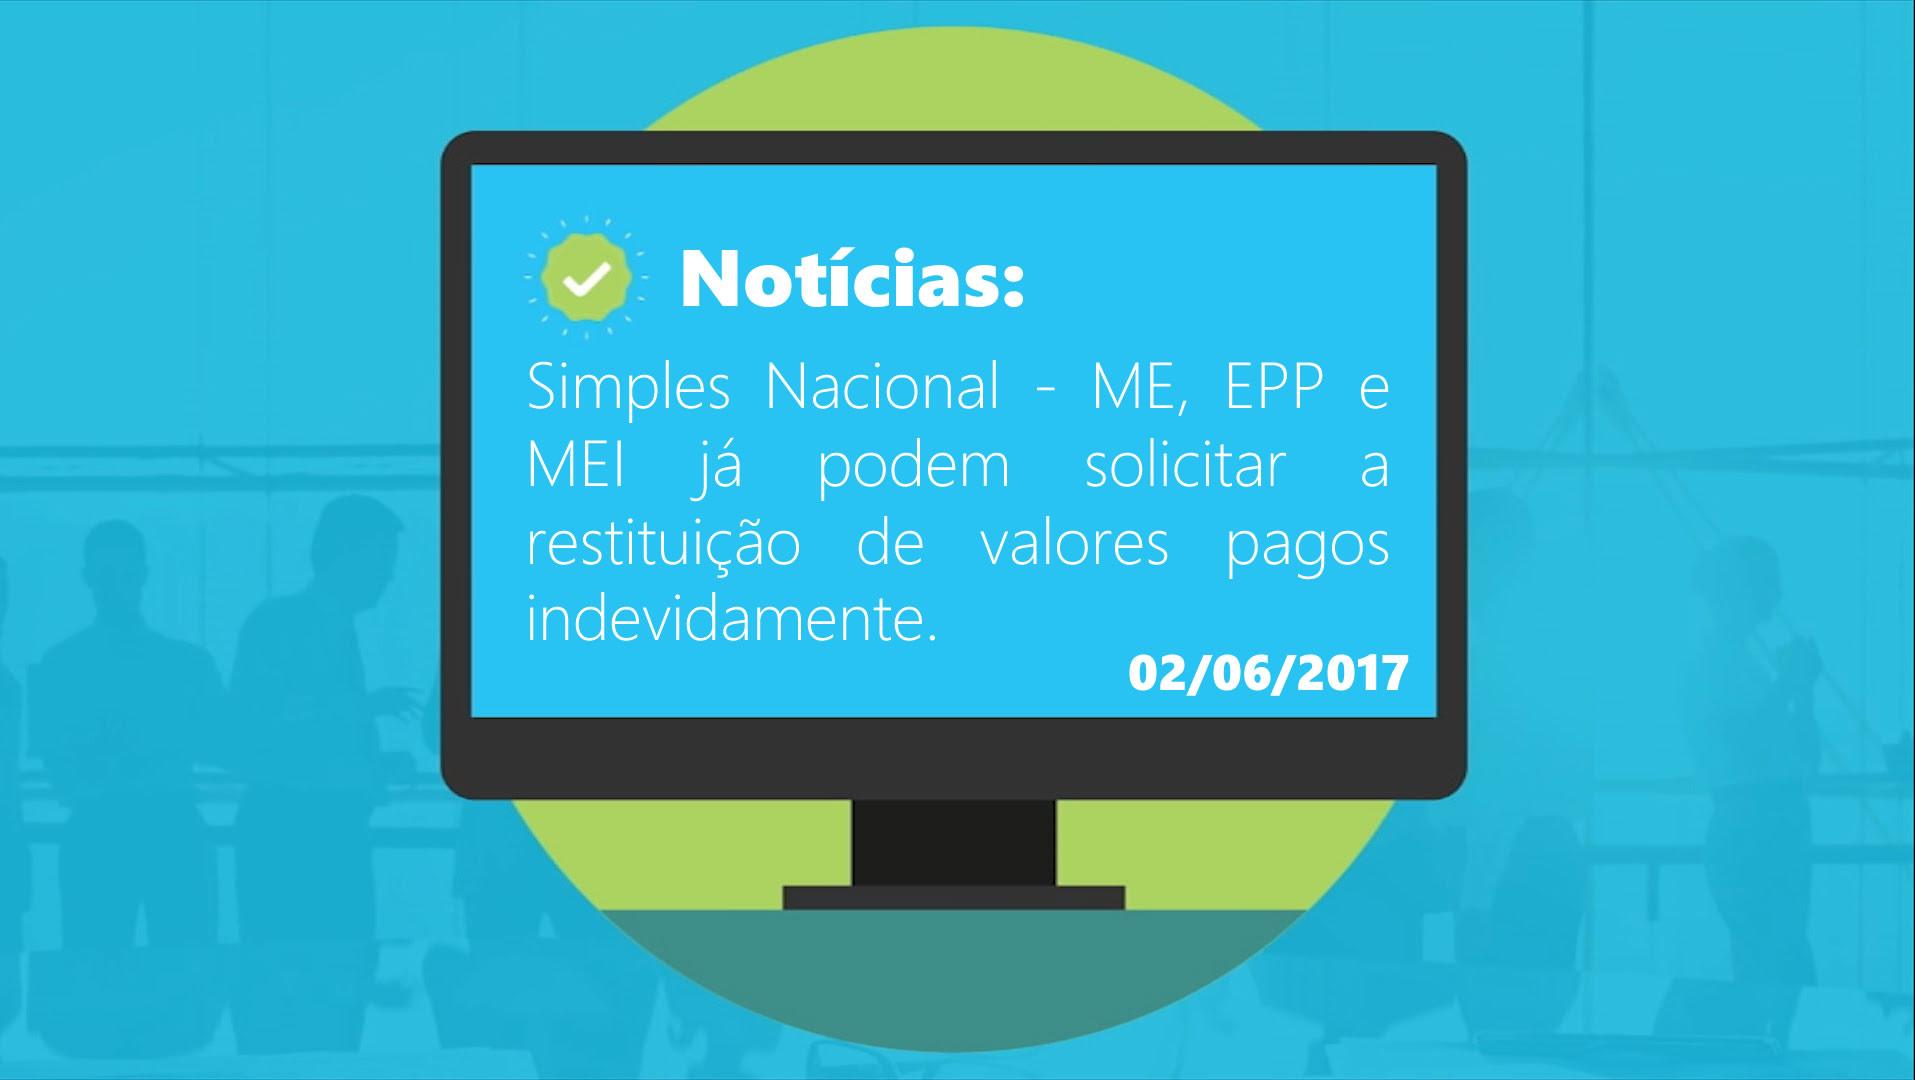 Simples Nacional - ME, EPP e MEI